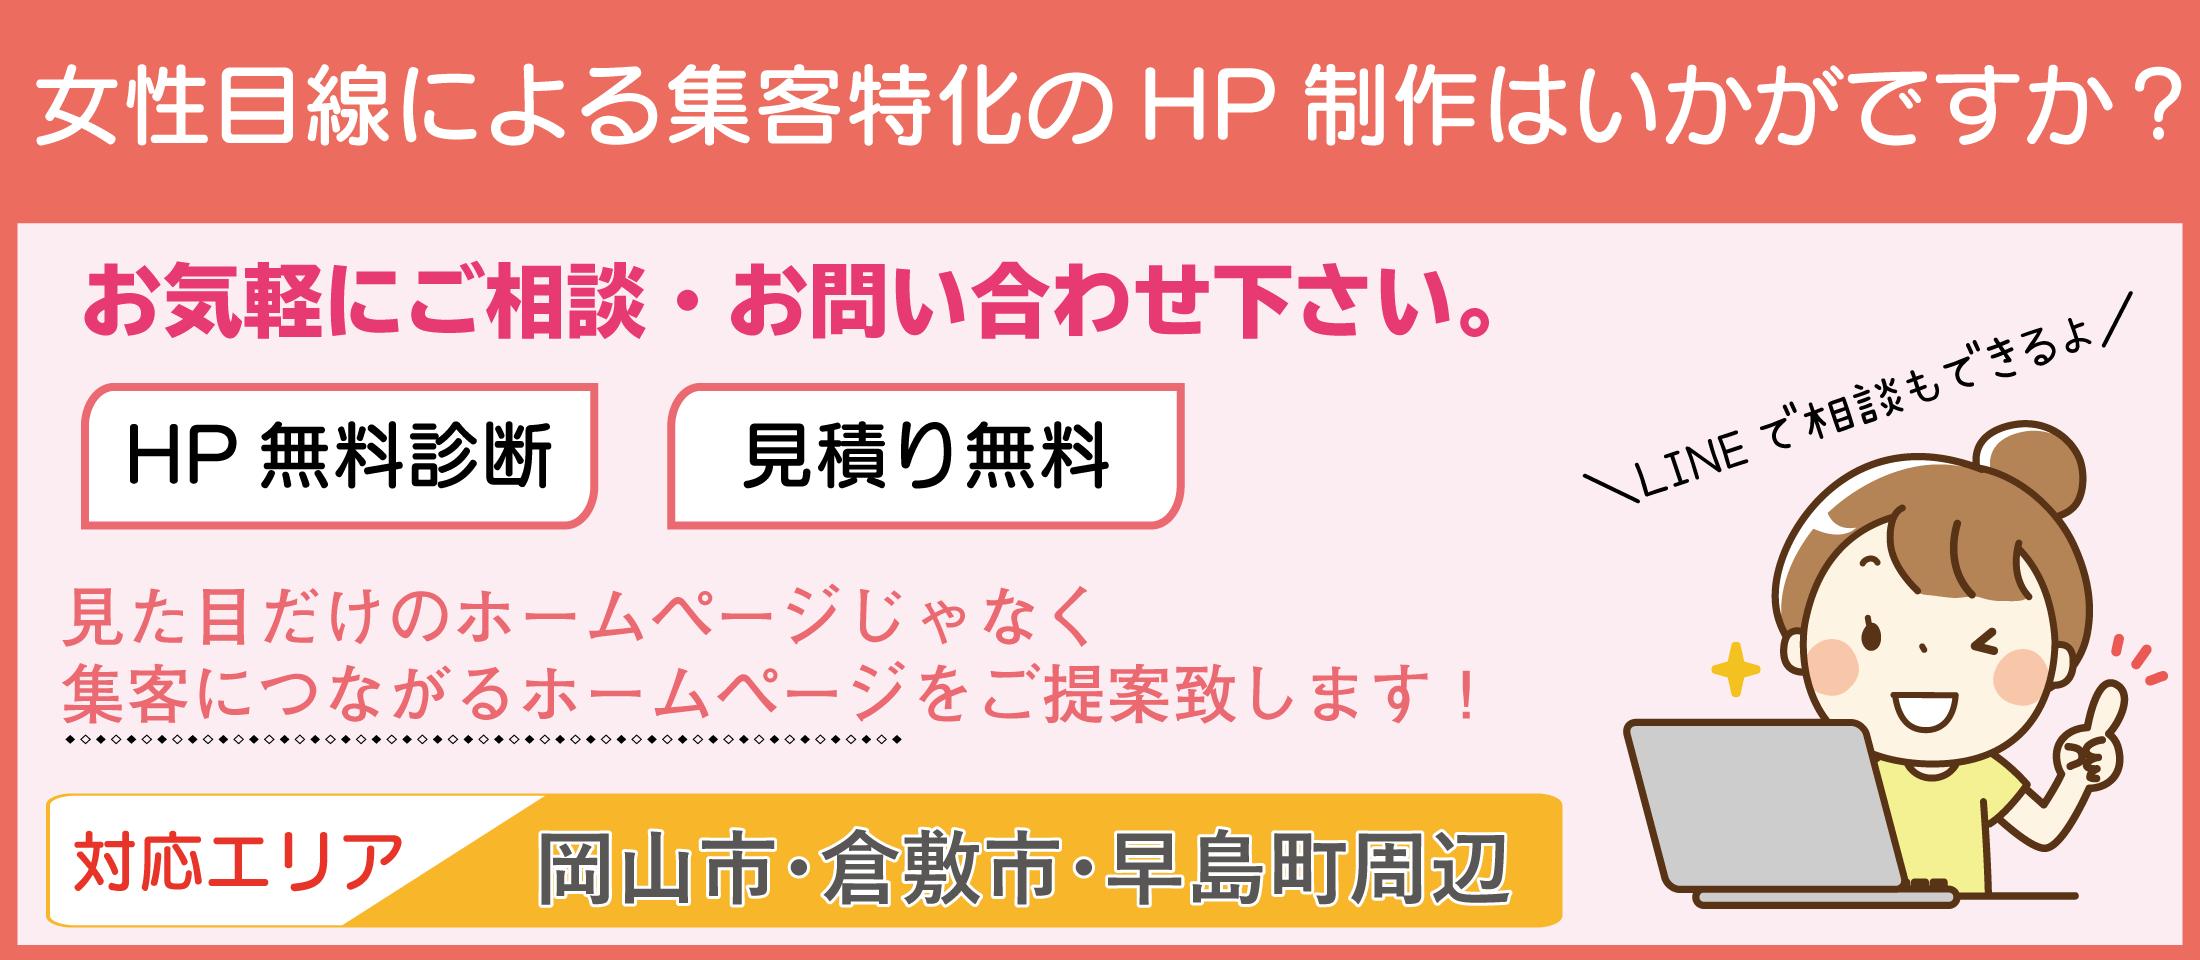 倉敷市ホームページ制作お問い合わせ